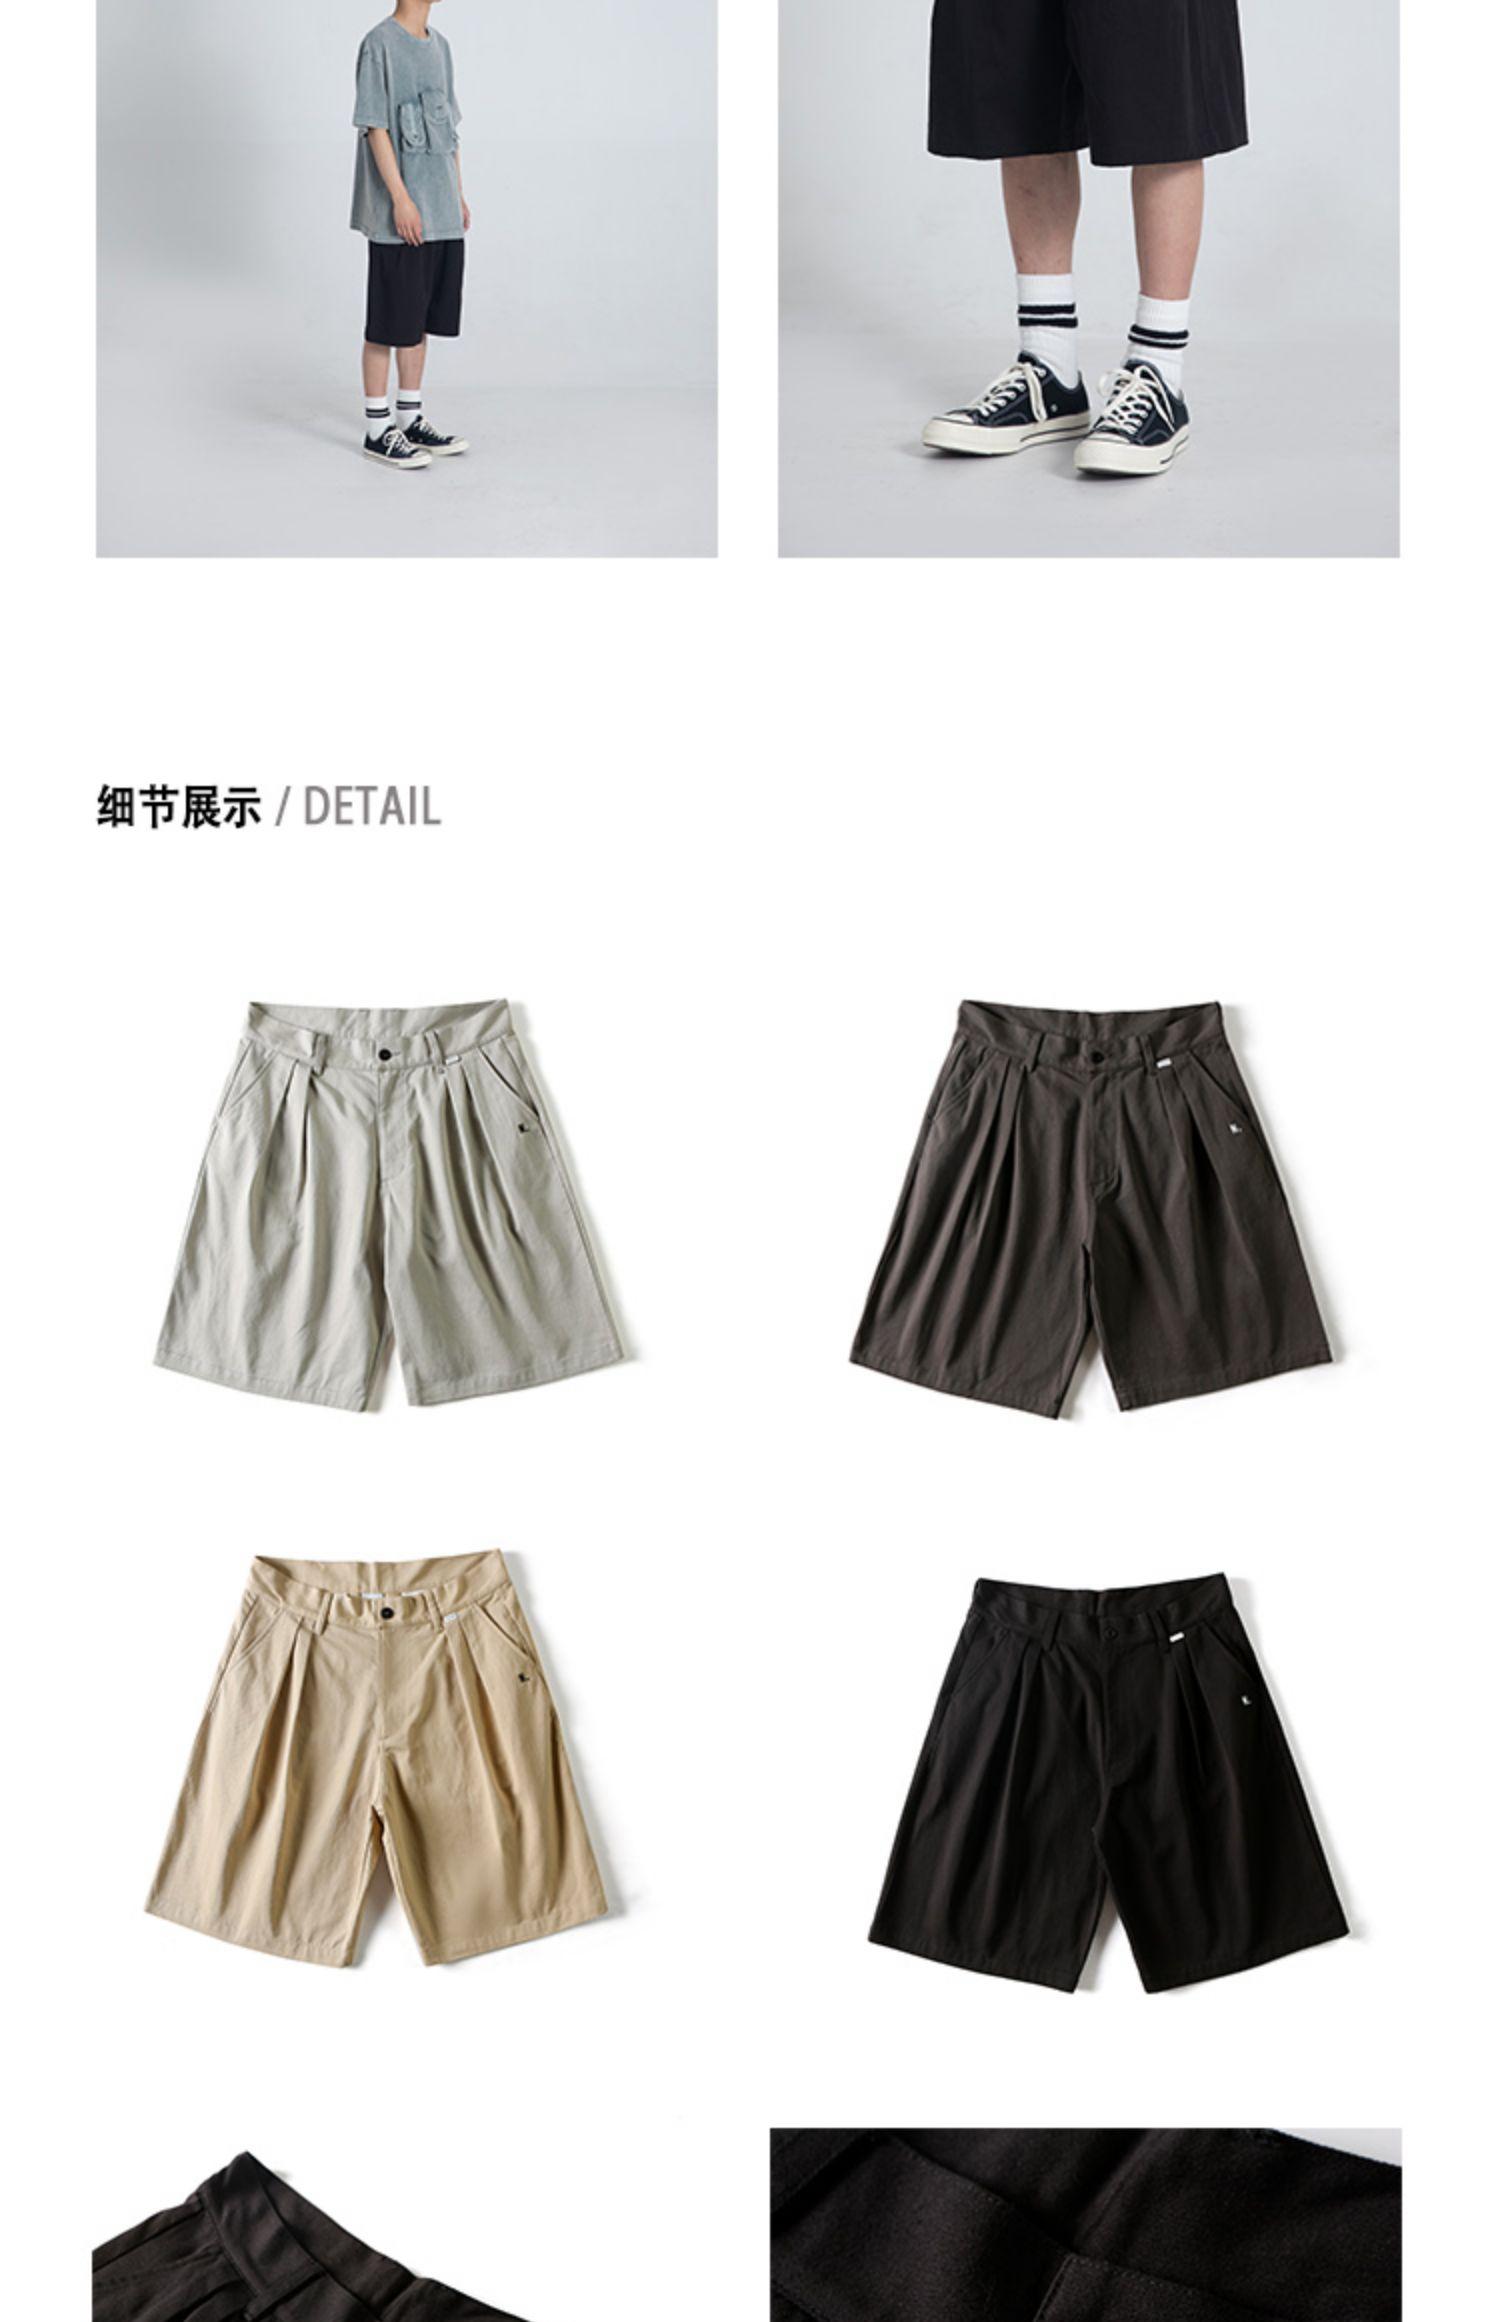 褶皱短裤日系百搭宽鬆廓形休閒男女春夏原创国潮详细照片